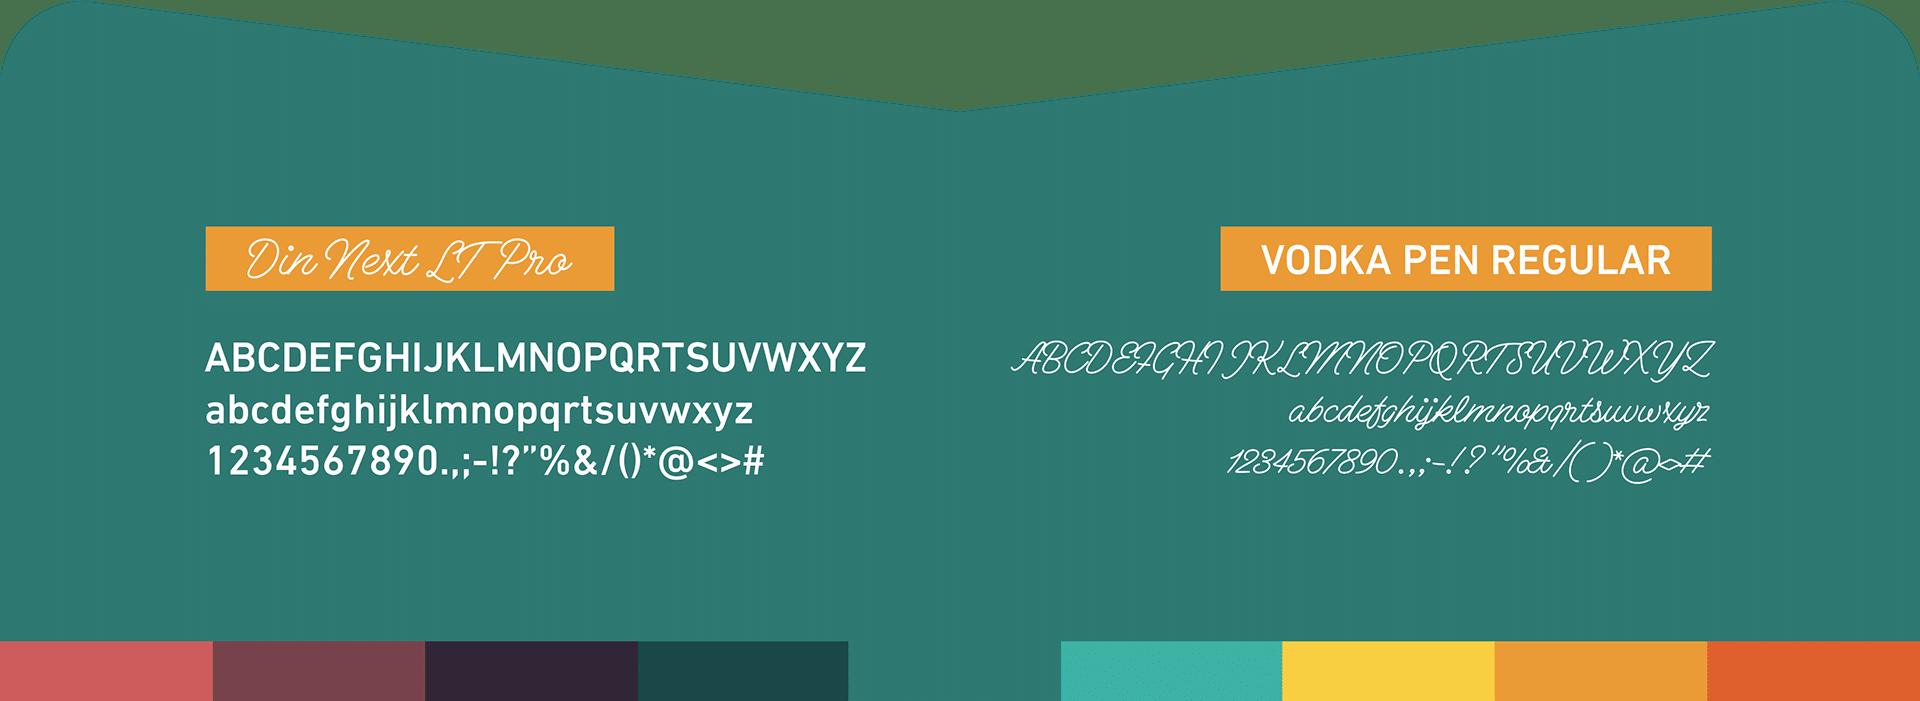 852fa7117014027.606f0815adcbd